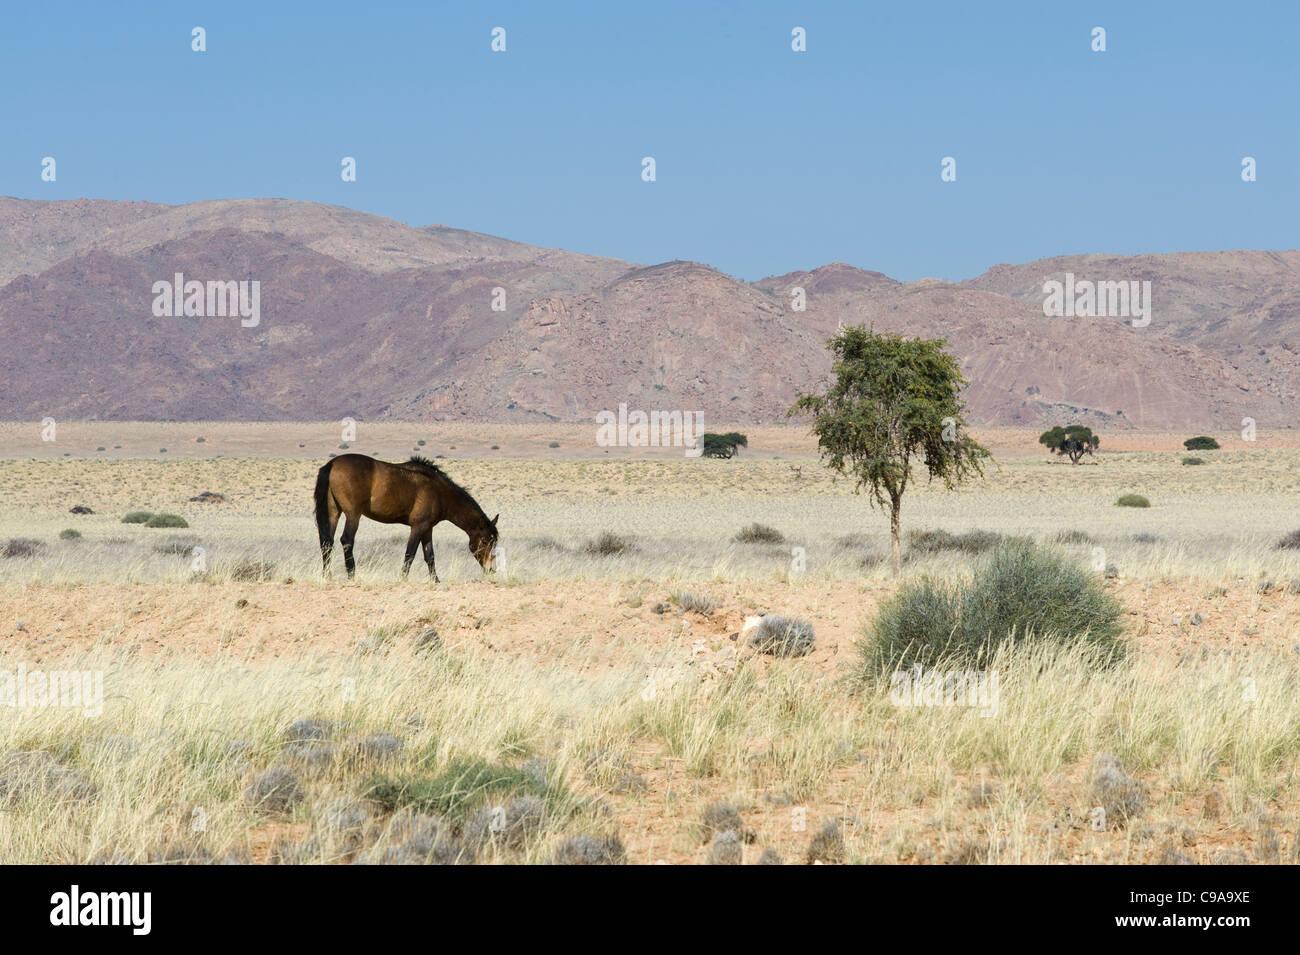 Chevaux sauvages, chevaux sauvages, du désert du namib Namibie région Karas Photo Stock